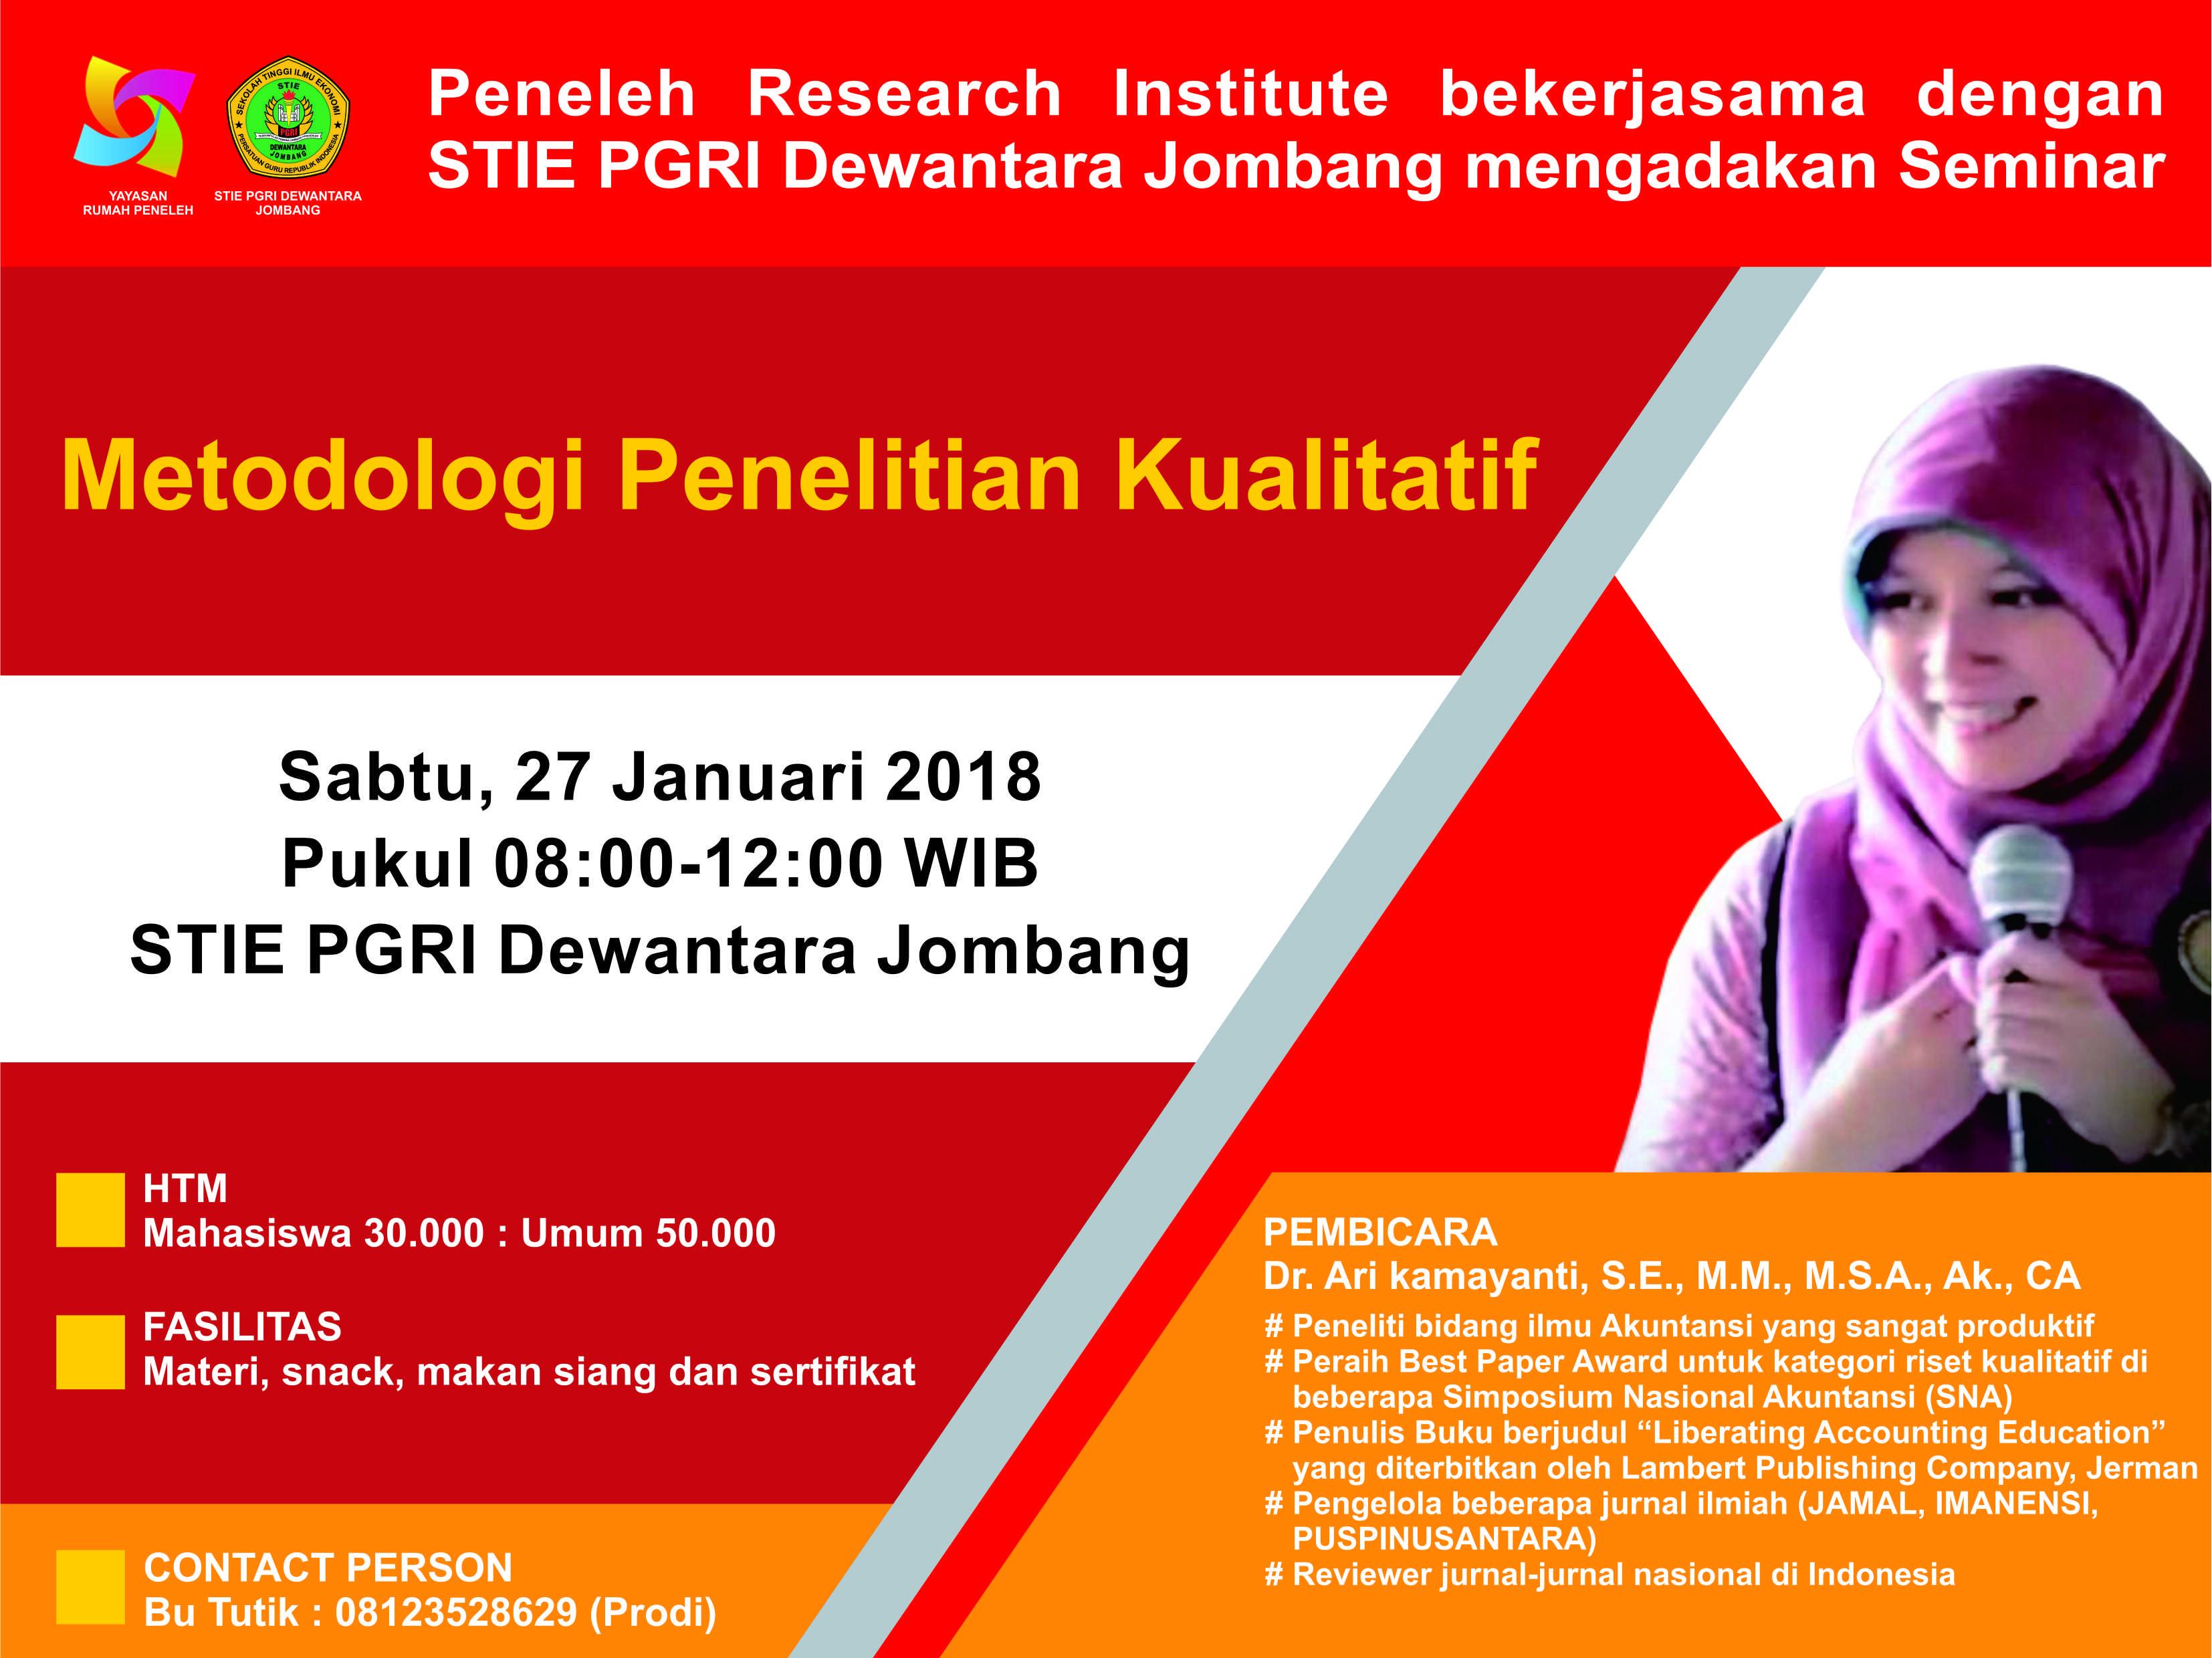 Seminar Metodologi Penelitian Kualitatif